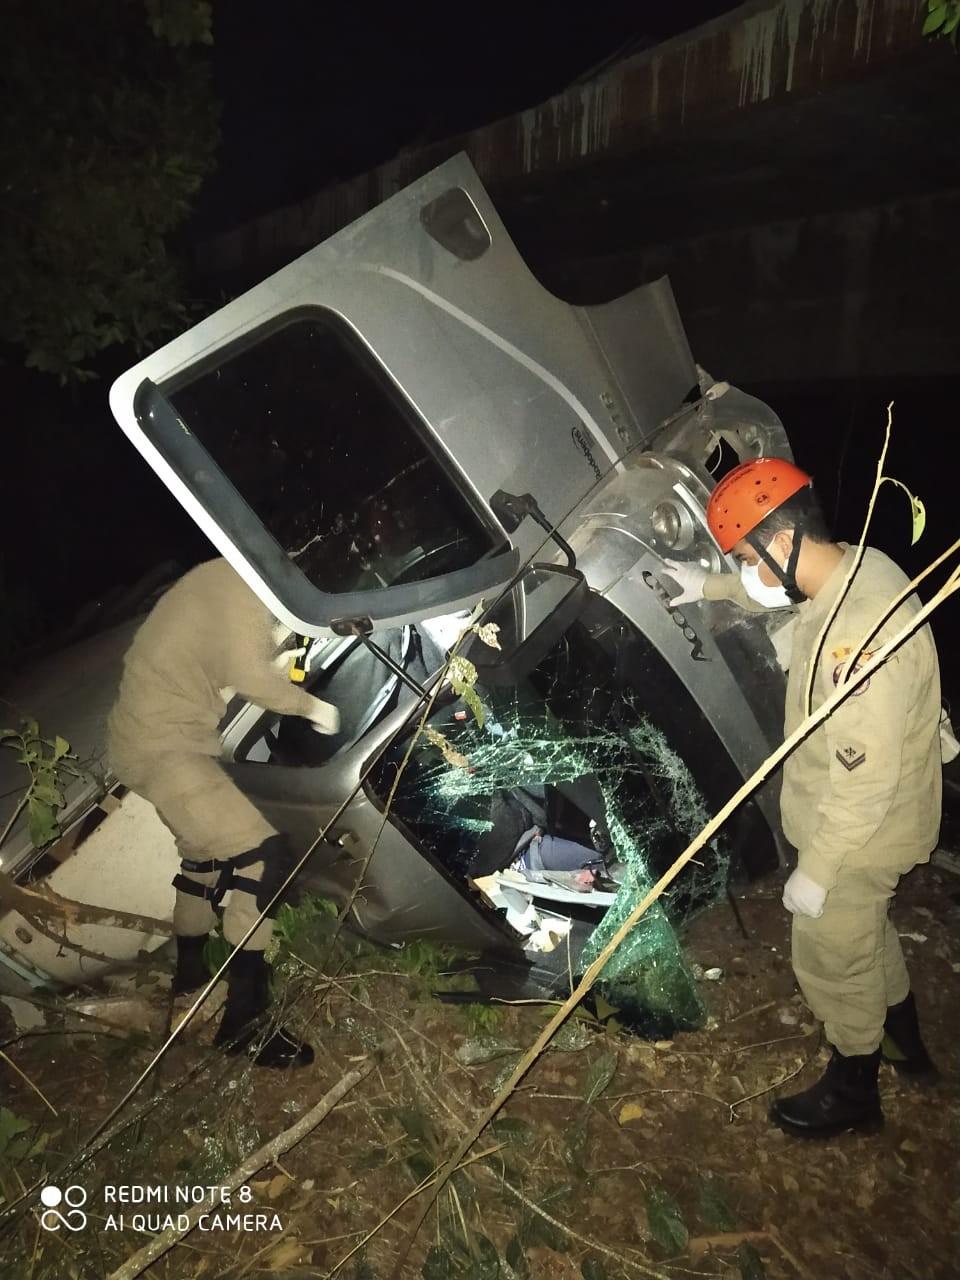 Passageira de caminhão baú morre após veículo colidir com carreta e cair de ponte em rodovia de MS